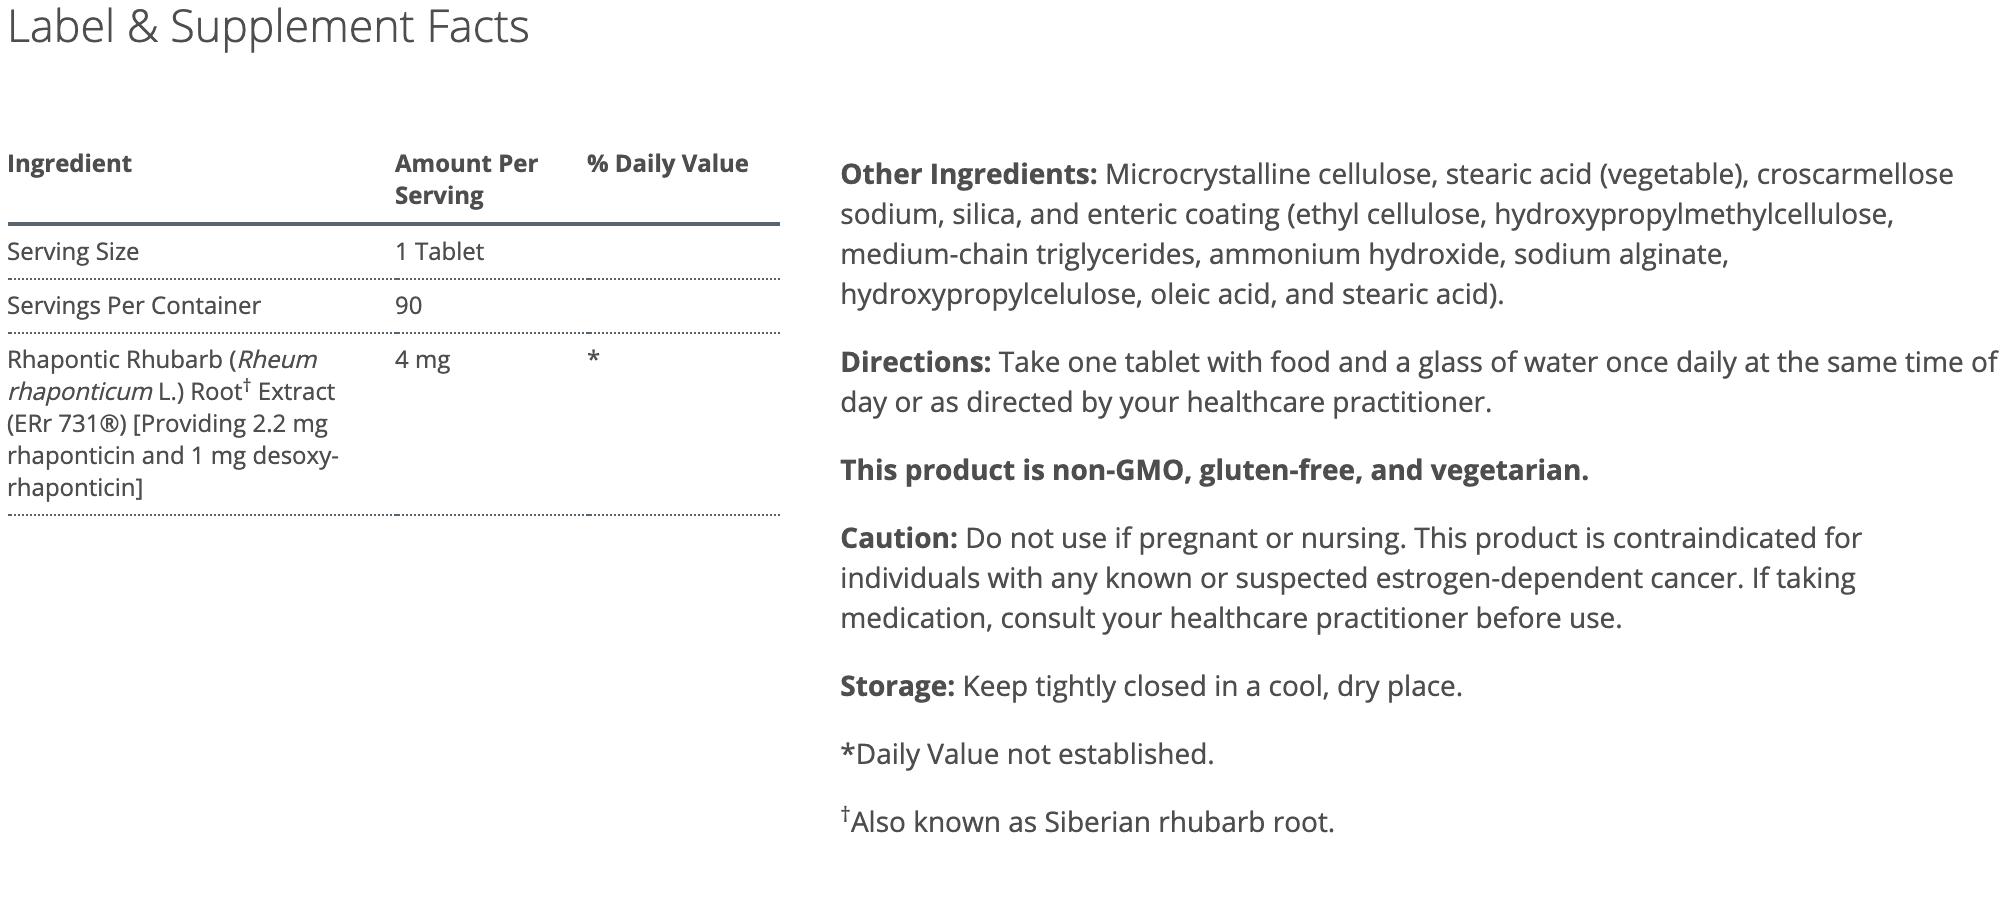 estrovera 90 tablets by metagenics canada ingredients